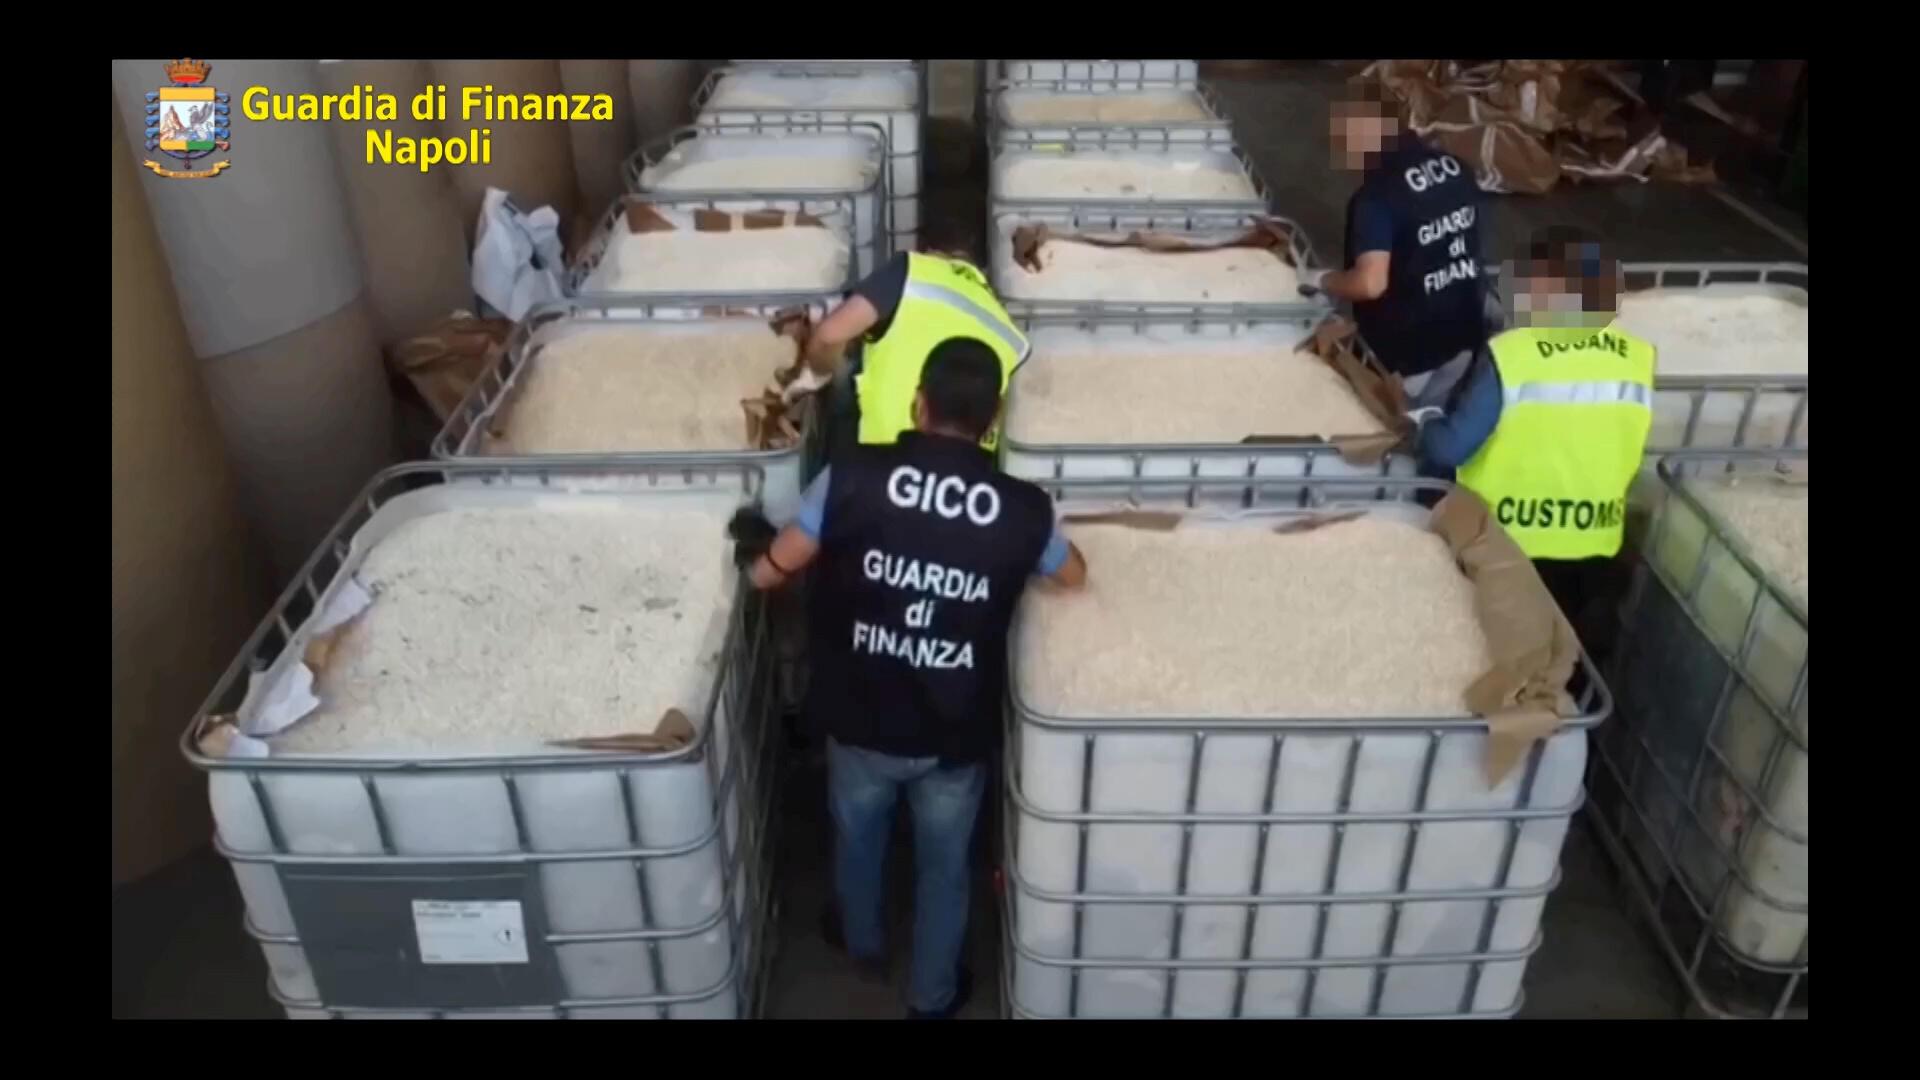 الشرطة الإيطالية أثناء مصادرة شحنة الكبتاغون